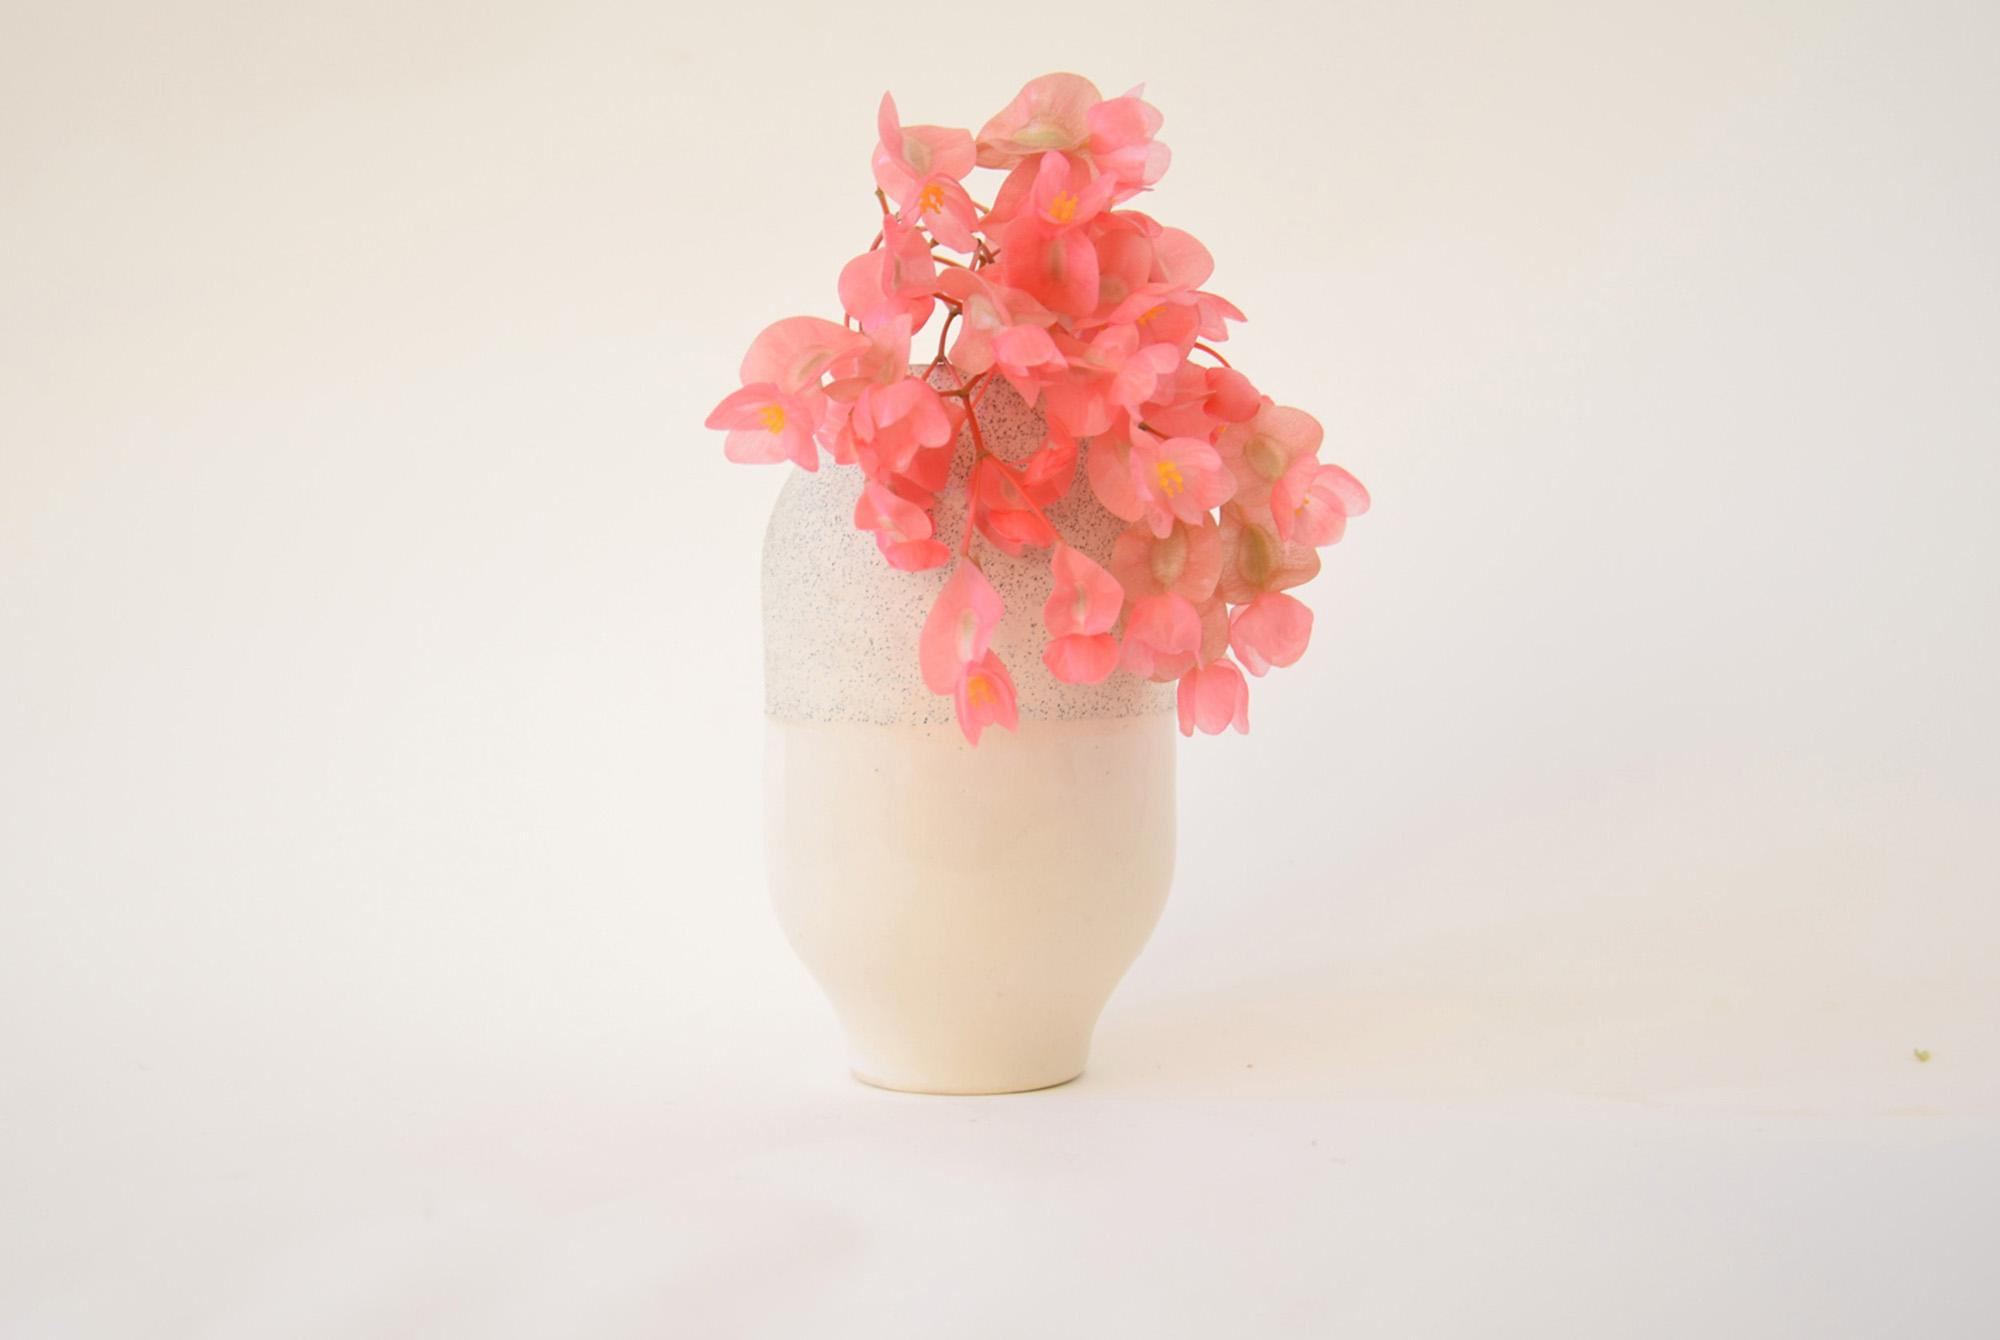 smallvase-speckledwhite-withbegonia-studiokryszewski.jpg